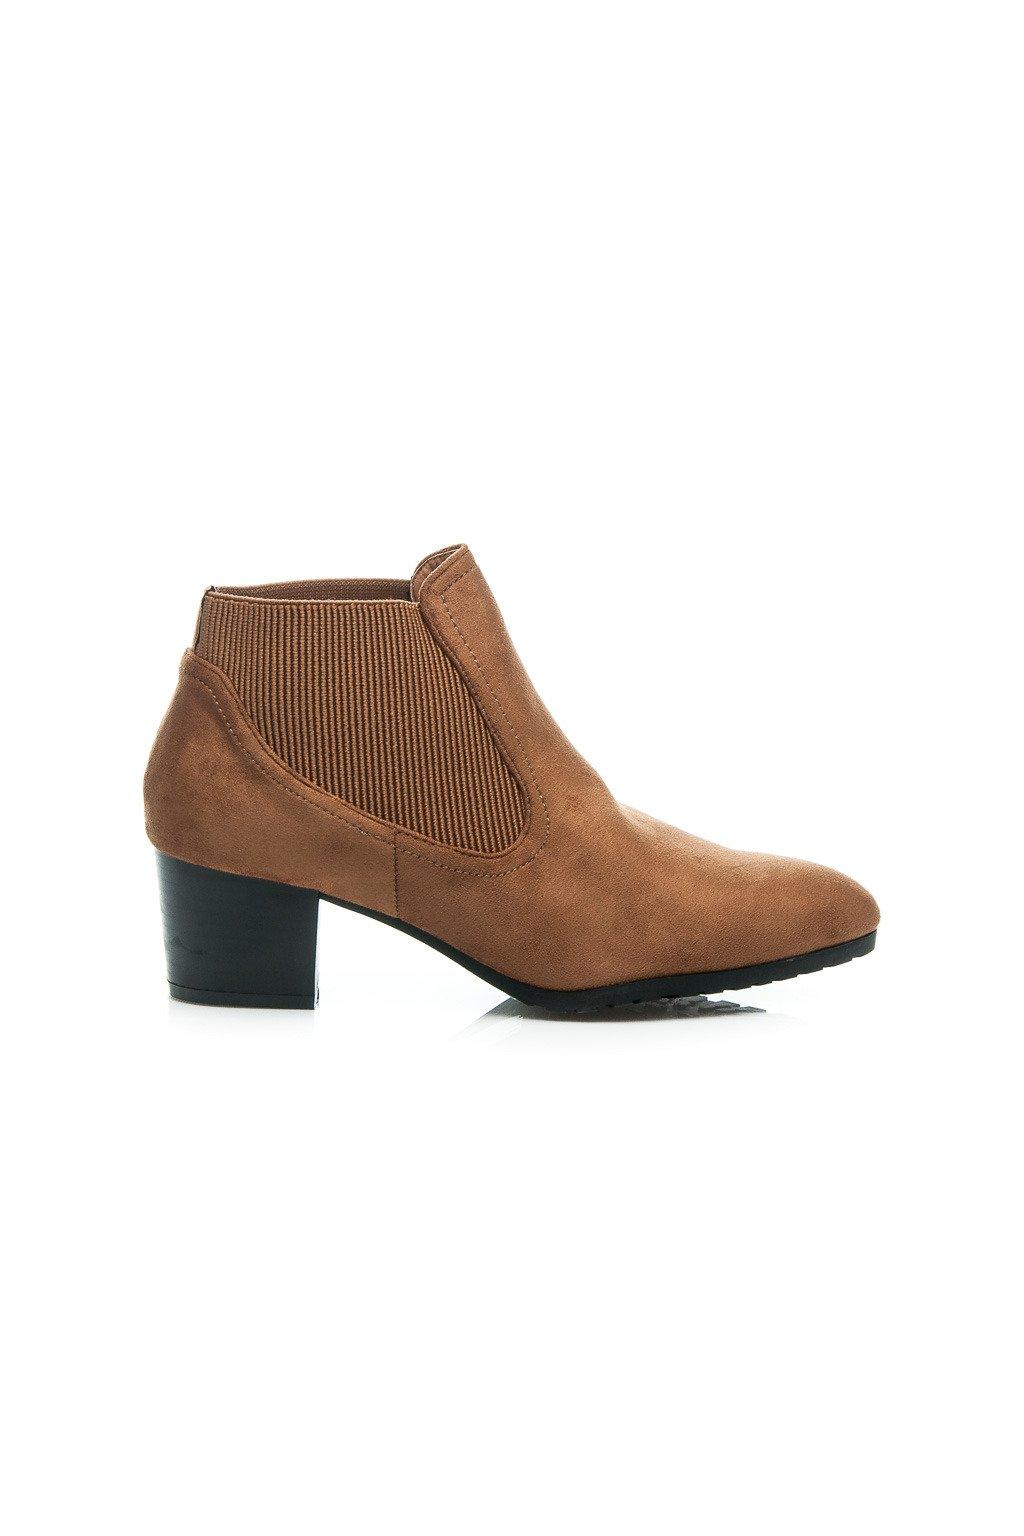 Štýlové dámske kotníkové topánky (Veľkosť UK8 / EUR 41)